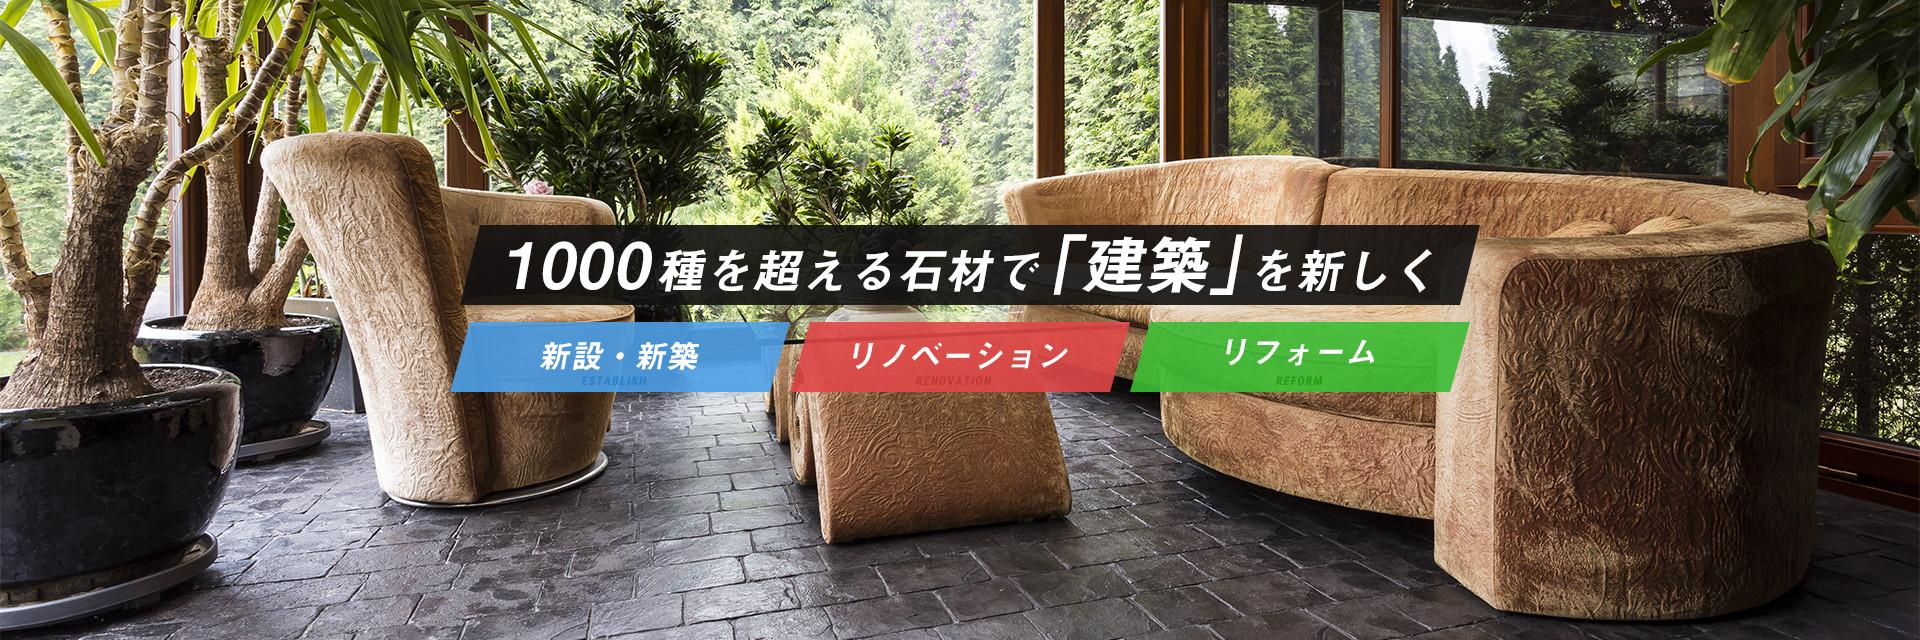 1000種を超える石材で「建築」新しく 「新設・新築」「リノベーション」「リフォーム」